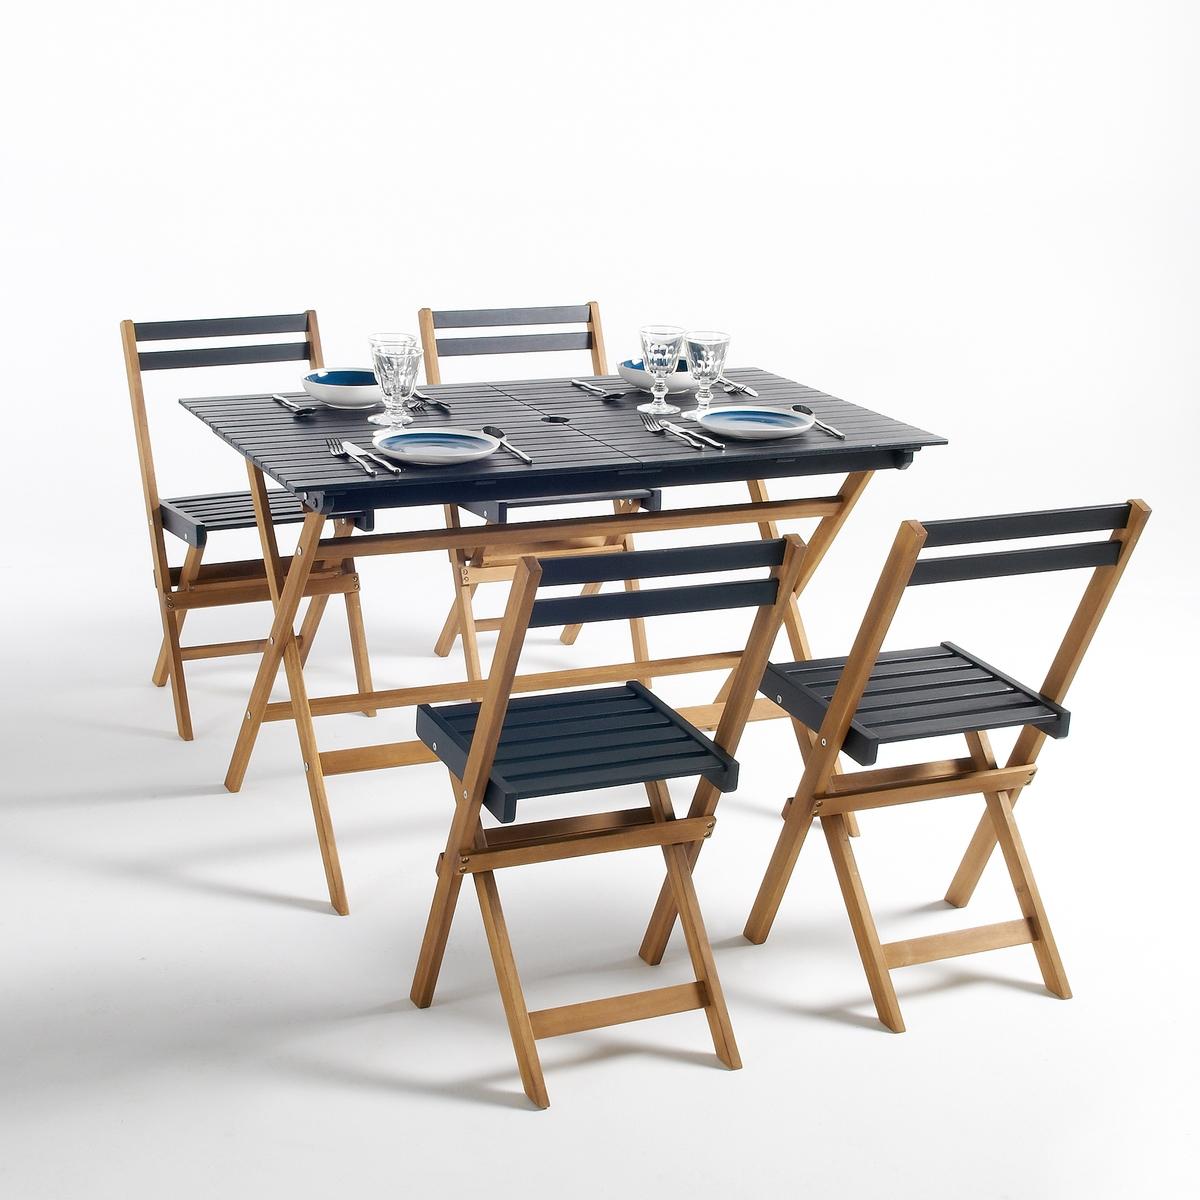 Садовый комплект из 5 предметов, MyrtonСадовый комплект из 5 предметов, Myrton акация . Практичная и красивая садовая мебель из натуральной акации Myrton идеальна для сада, террассы или балкона. Полностью складная для оптимальго хранения .Описание комплекта Myrton :Комплект состоит из 1 стола прямоугольной формы и 4 складных стульев .Отверстие посередине стола для зонтика .Характеристики комплекта Myrton :Комплект мебели из натуральной экологически чистой акации.Ножки стульев и стола под тик .Столешница + сиденье и спинка стульев черного матового цвета с покрытием глазурью .Найдите всю коллекцию садовой мебели  на сайте laredoute .ruРазмеры комплекта Myrton :Разм. общие столаШирина : 120 смВысота : 70 смГлубина : 75 смРазм. стула Ширина : 43,5 см.Высота : 80 смГлубина : 42 см.Сиденье : 33 x 37,4 x 54 см Размеры и вес упаковки :1 упаковка 126 x 92,5 x 20 см 23 кг Доставка :Комплект мебели из 5 предметов Myrton продается готовым к сборке . Доставка осуществляется до квартиры по предварительной договоренности.Внимание! Убедитесь в том, что товар возможно доставить на дом, учитывая его габариты(проходит в двери, по лестницам, в лифты).<br><br>Цвет: черный